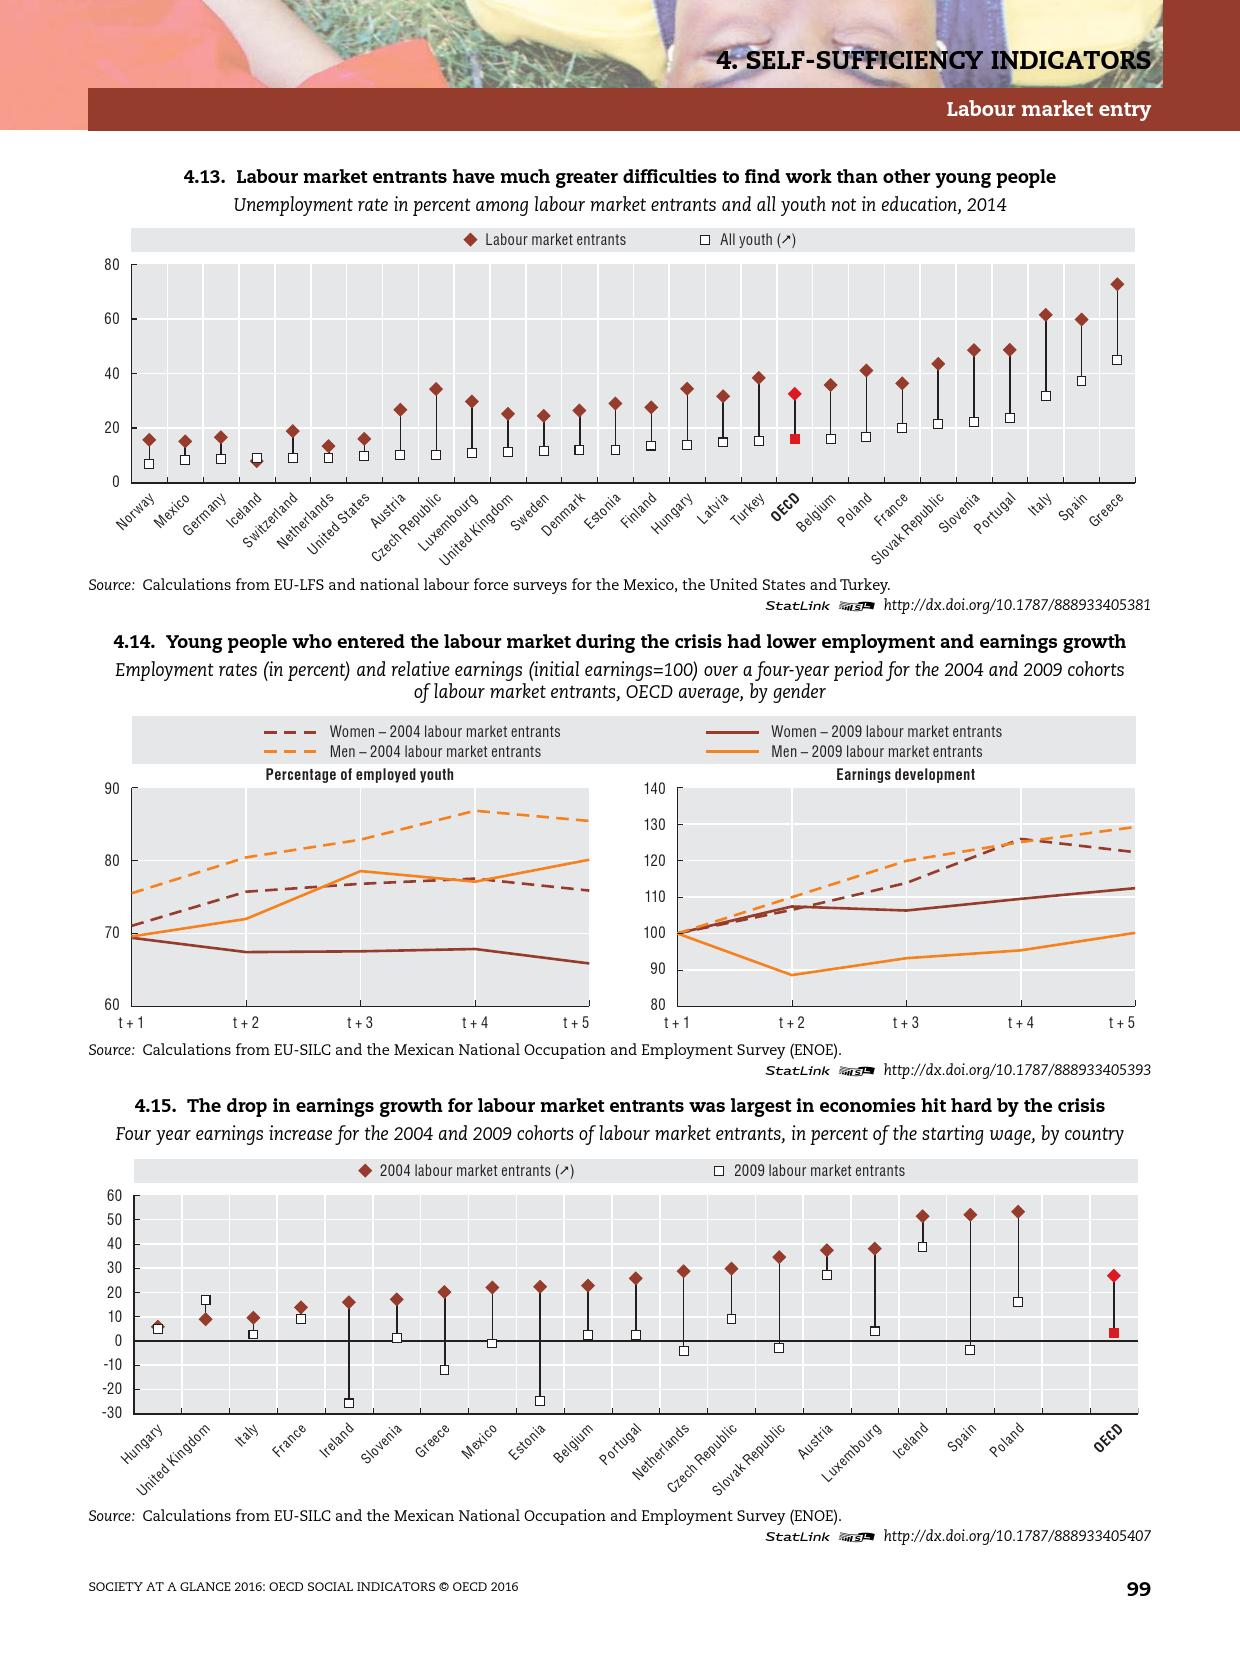 2016年OECD国家社会概览报告_000101